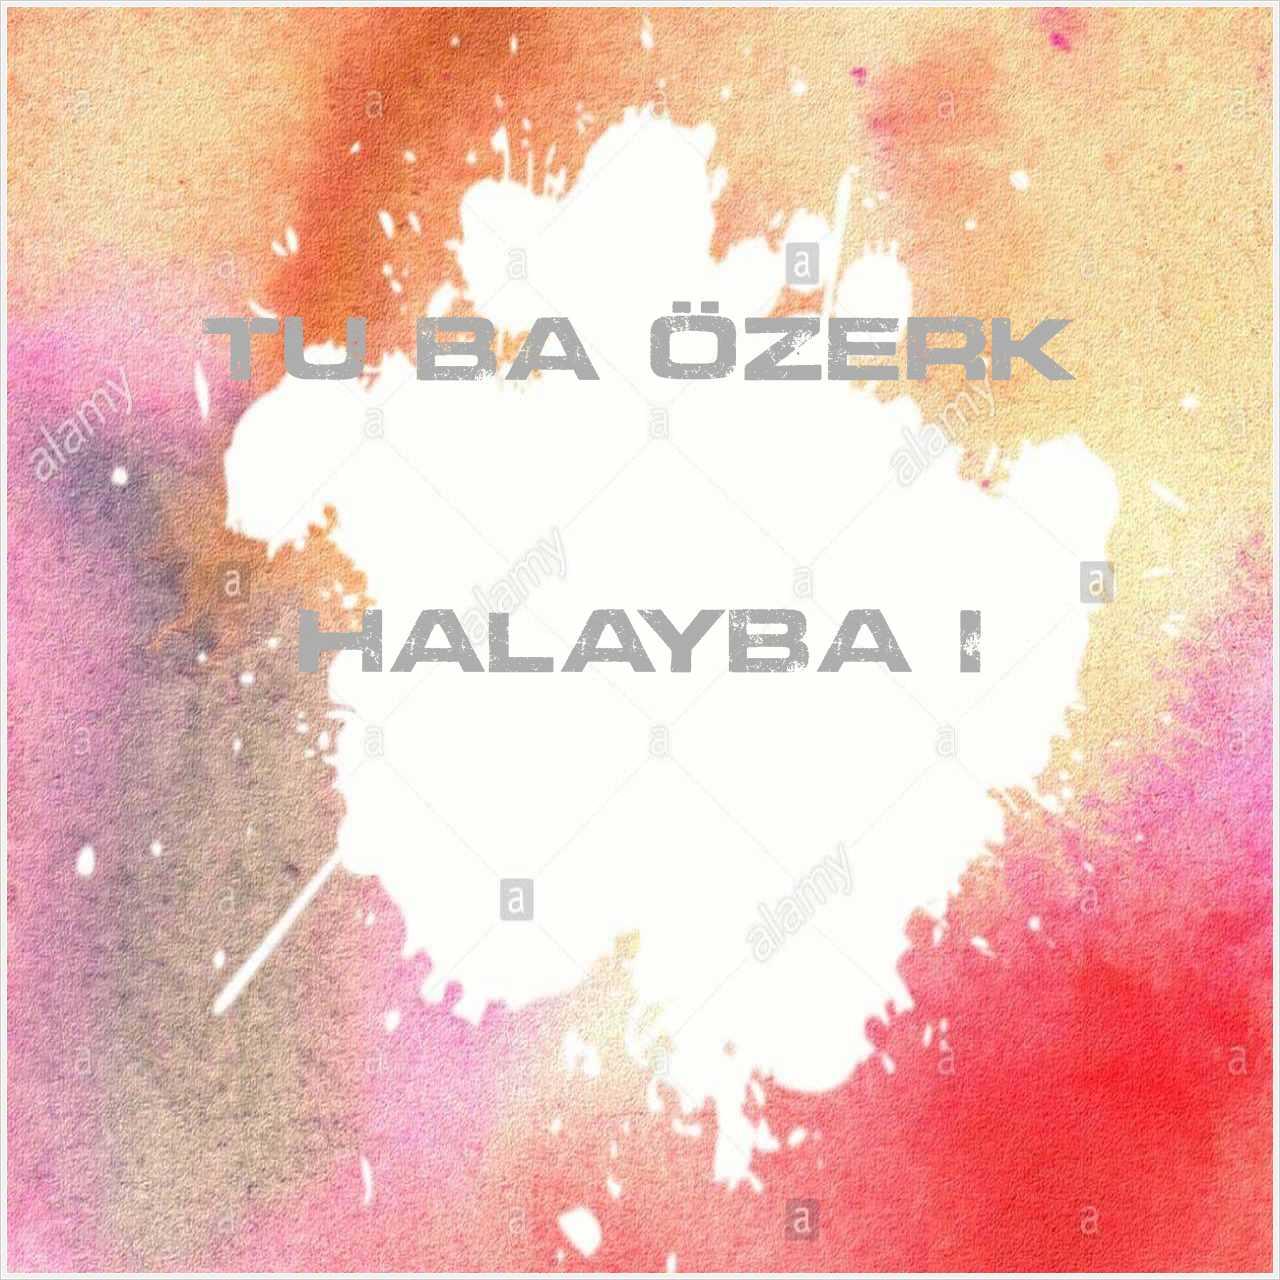 دانلود آهنگ جدید Tuğba Özerk به نام Halaybaşı